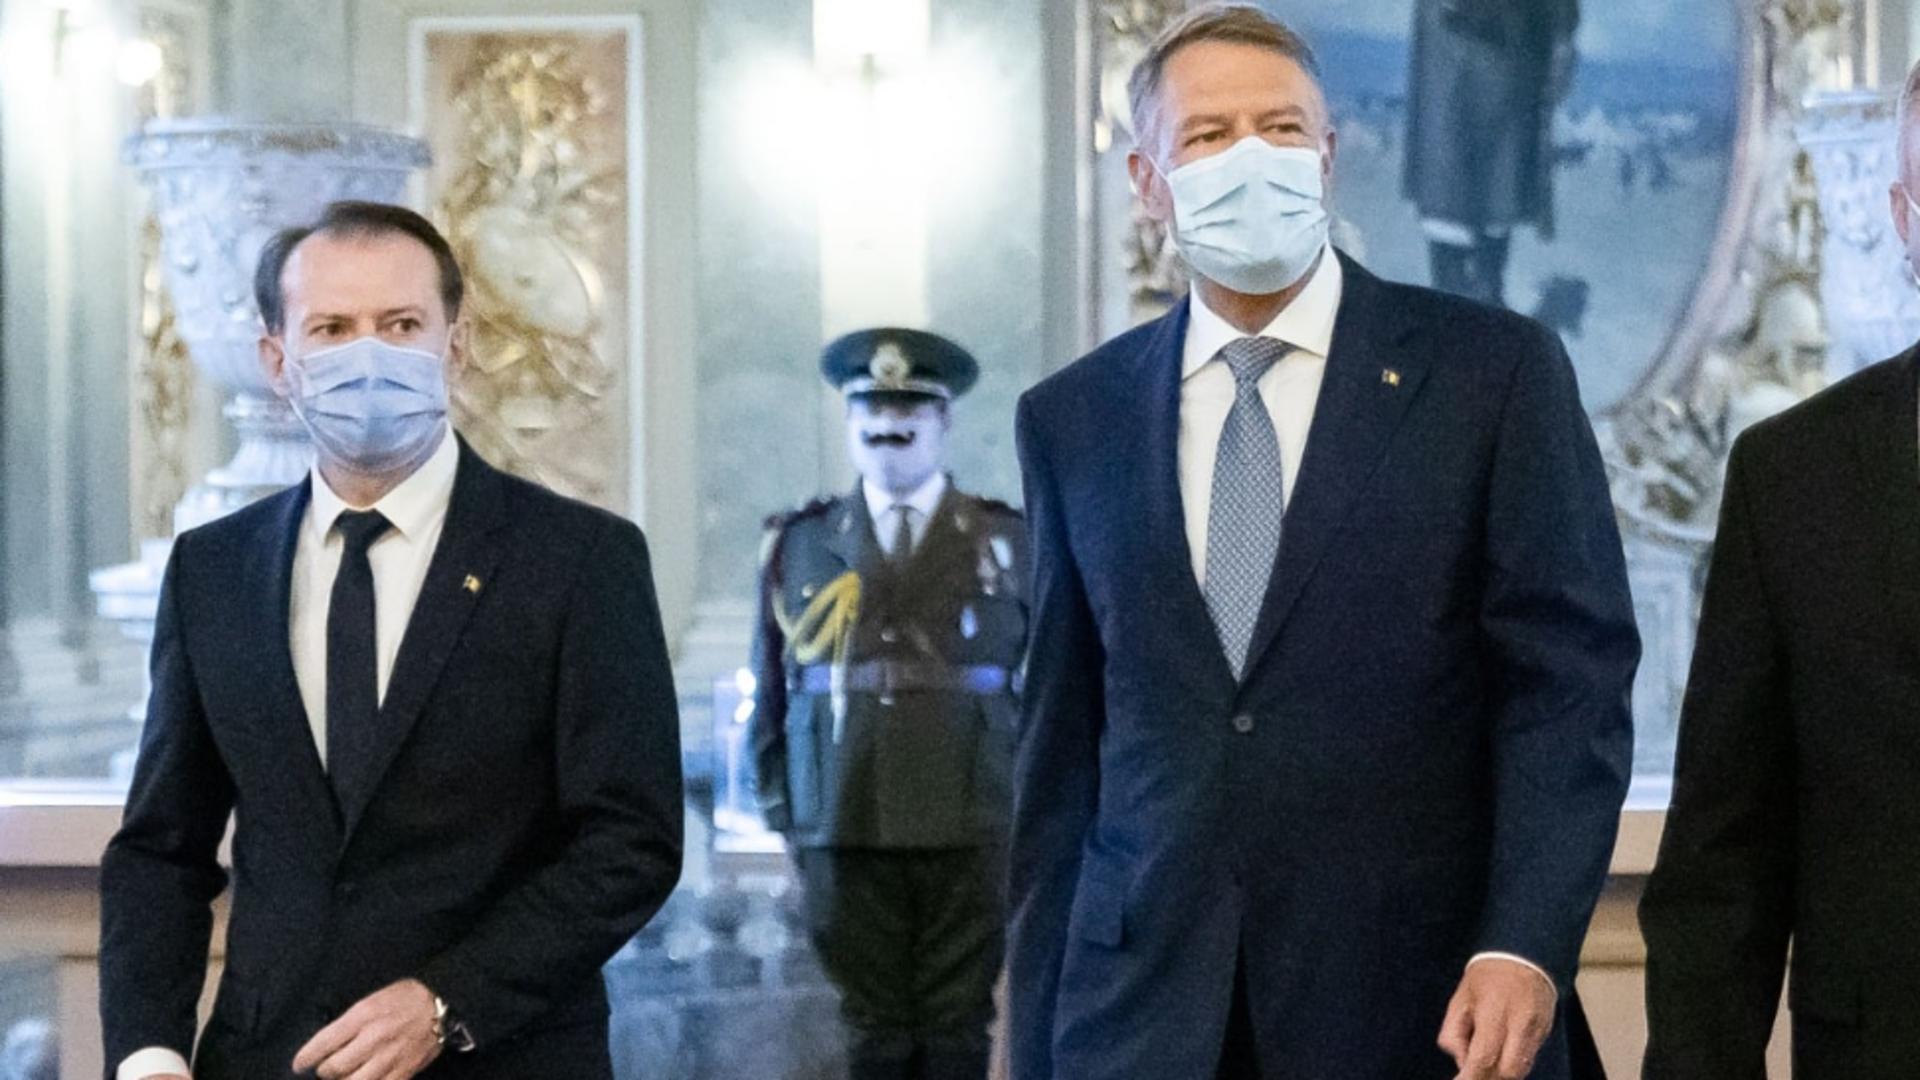 Dan Tudorache, deputat PSD, susține că Iohannis a tranșat în favoarea lui Cîțu războiul intern din PNL. Foto/Inquam